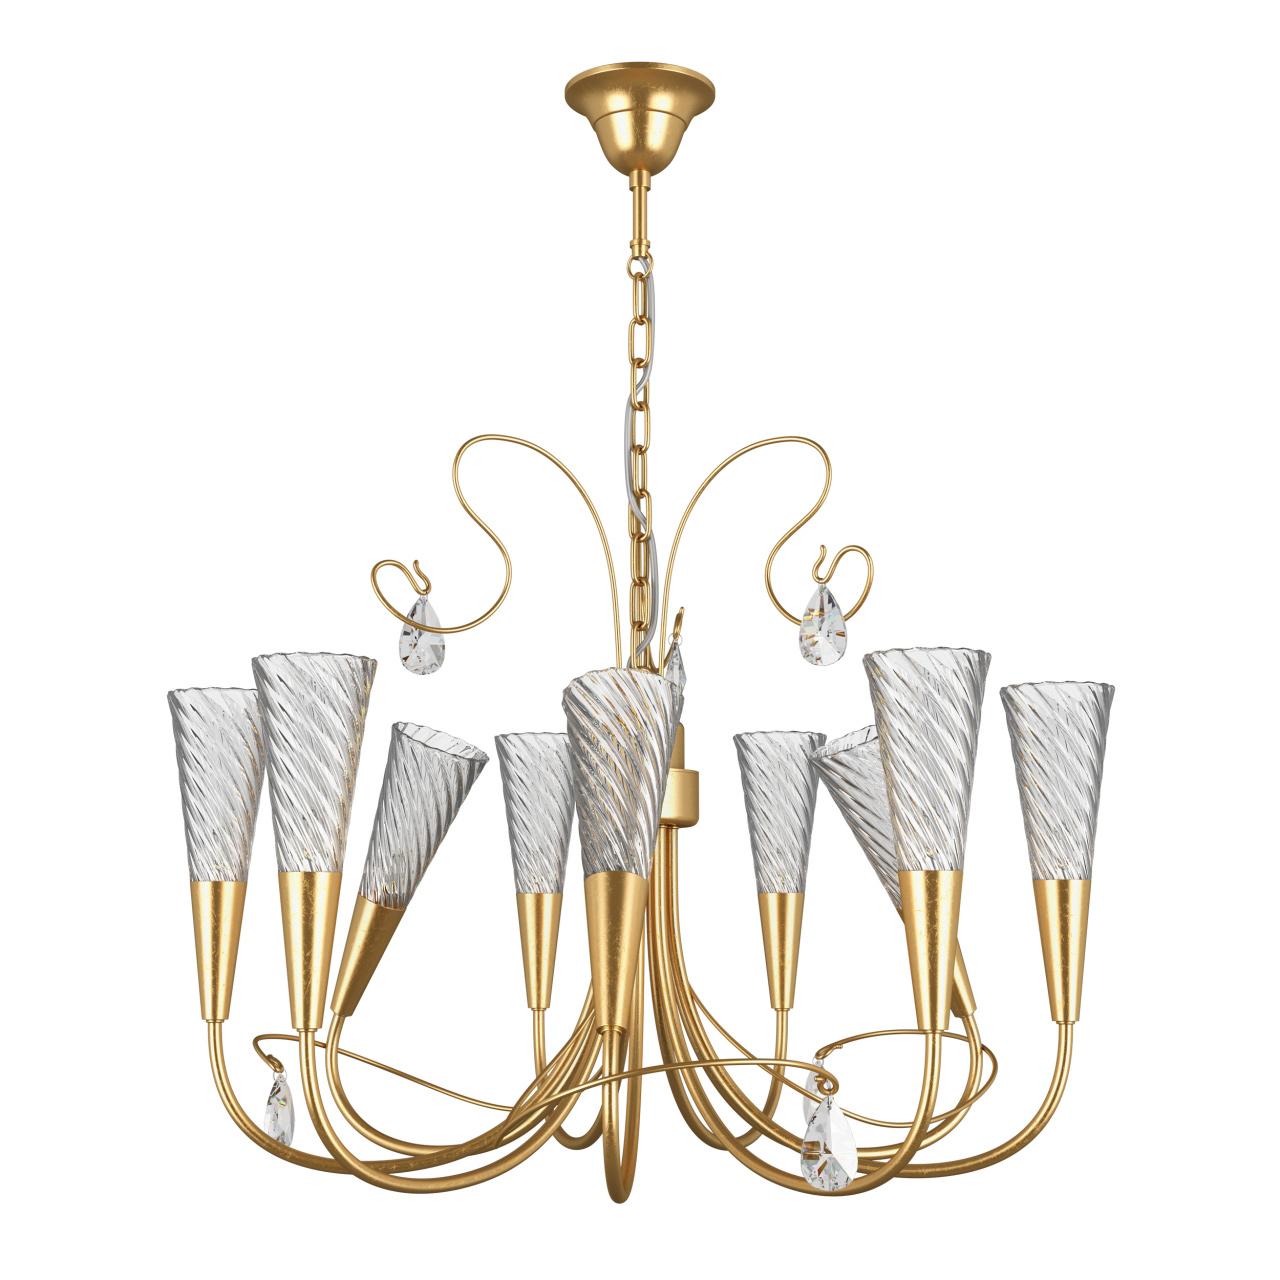 Люстра подвесная Aereo 9х25W G9 gold foil Lightstar 711093